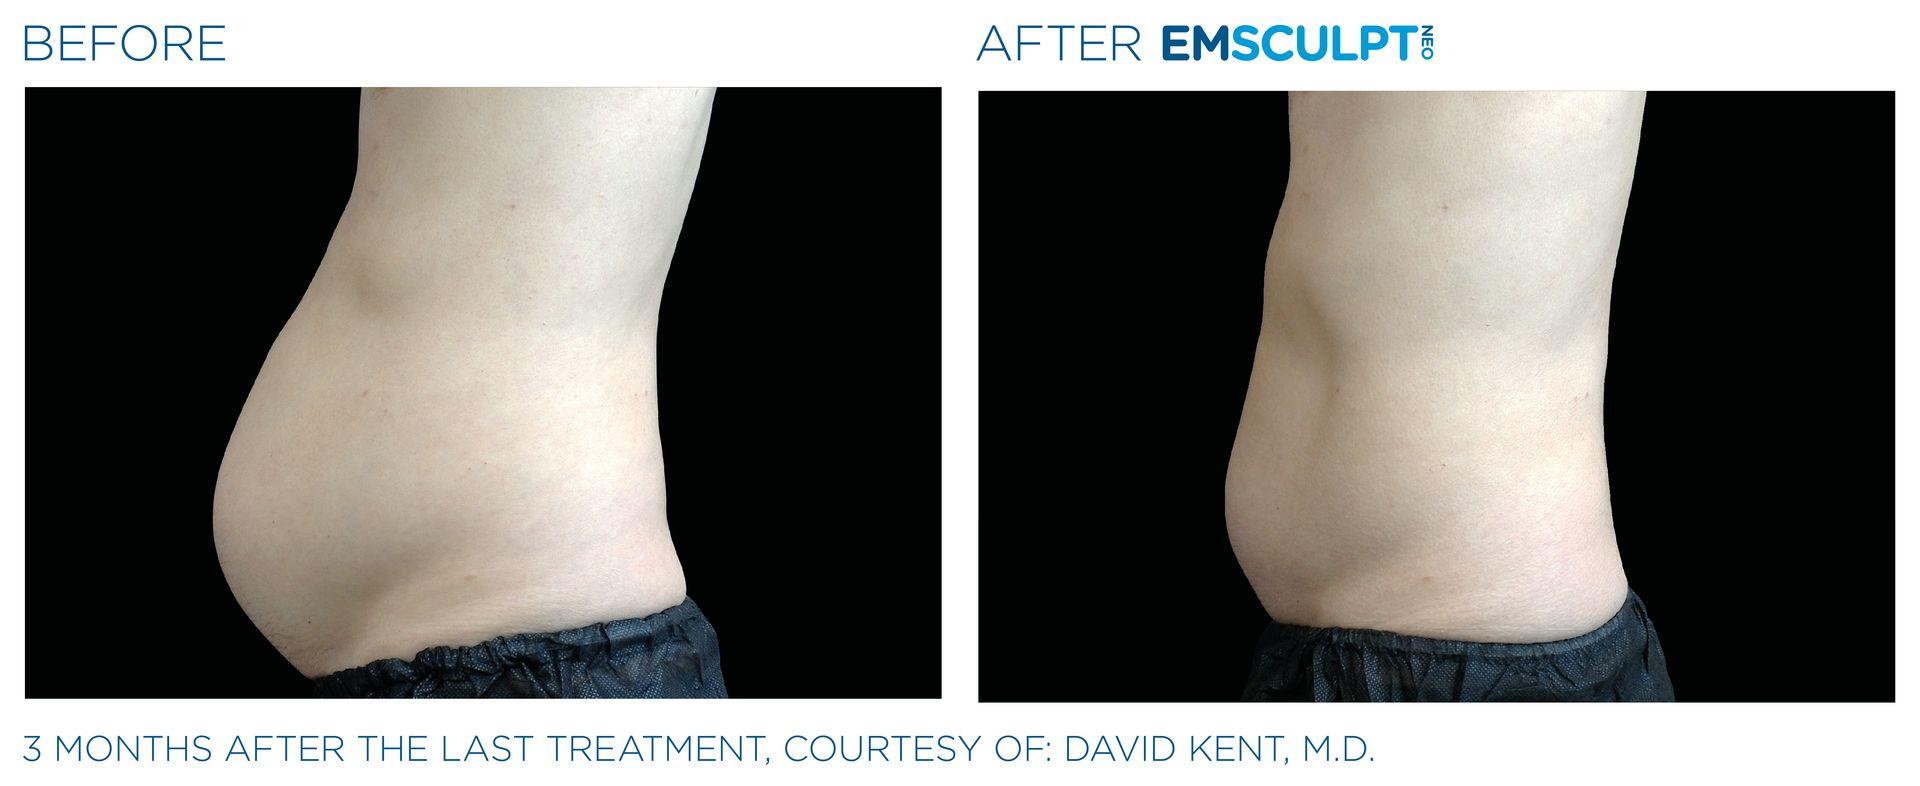 Emsculpt_neo_PIC_Ba-card-male-abdomen-022